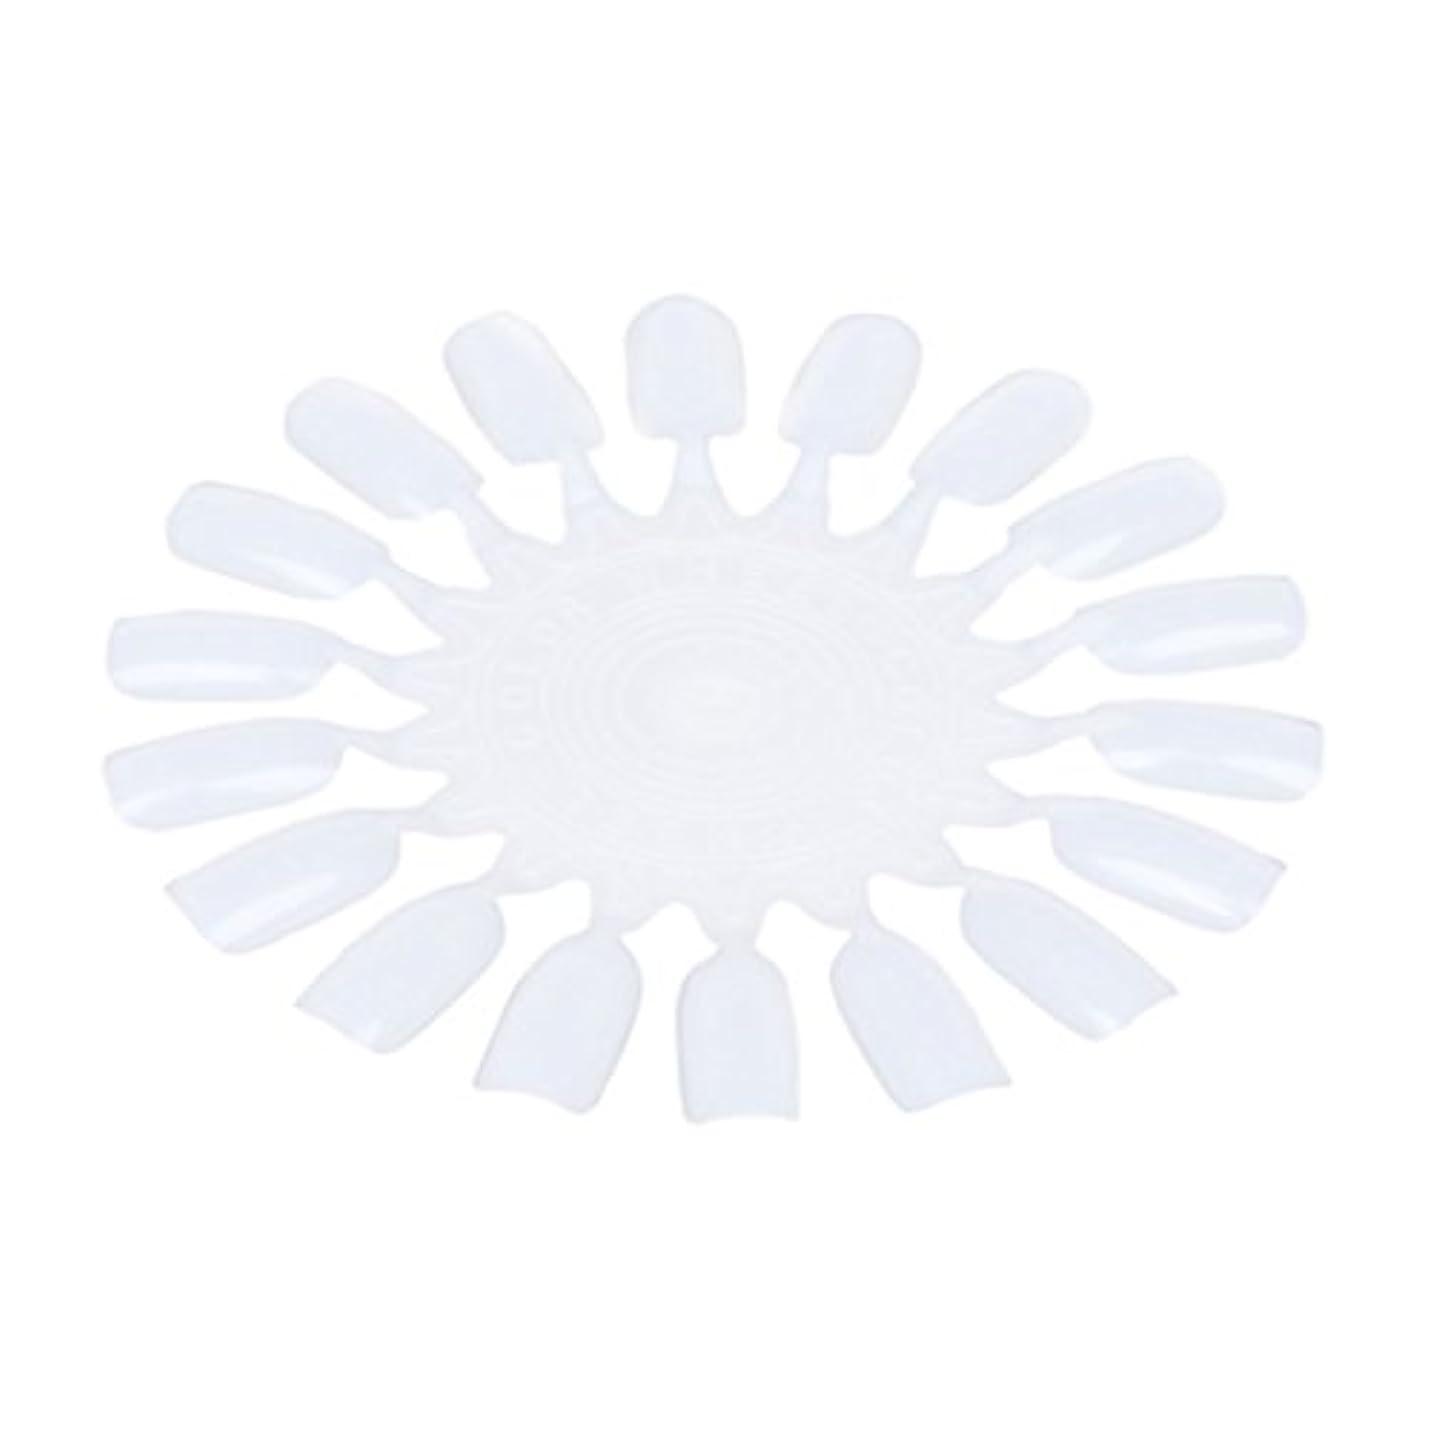 フェロー諸島談話チップNrpfell 10個 メークアップ化粧ネイル ポーランドカラー段ボールカラーチャート18カラー ベージュ